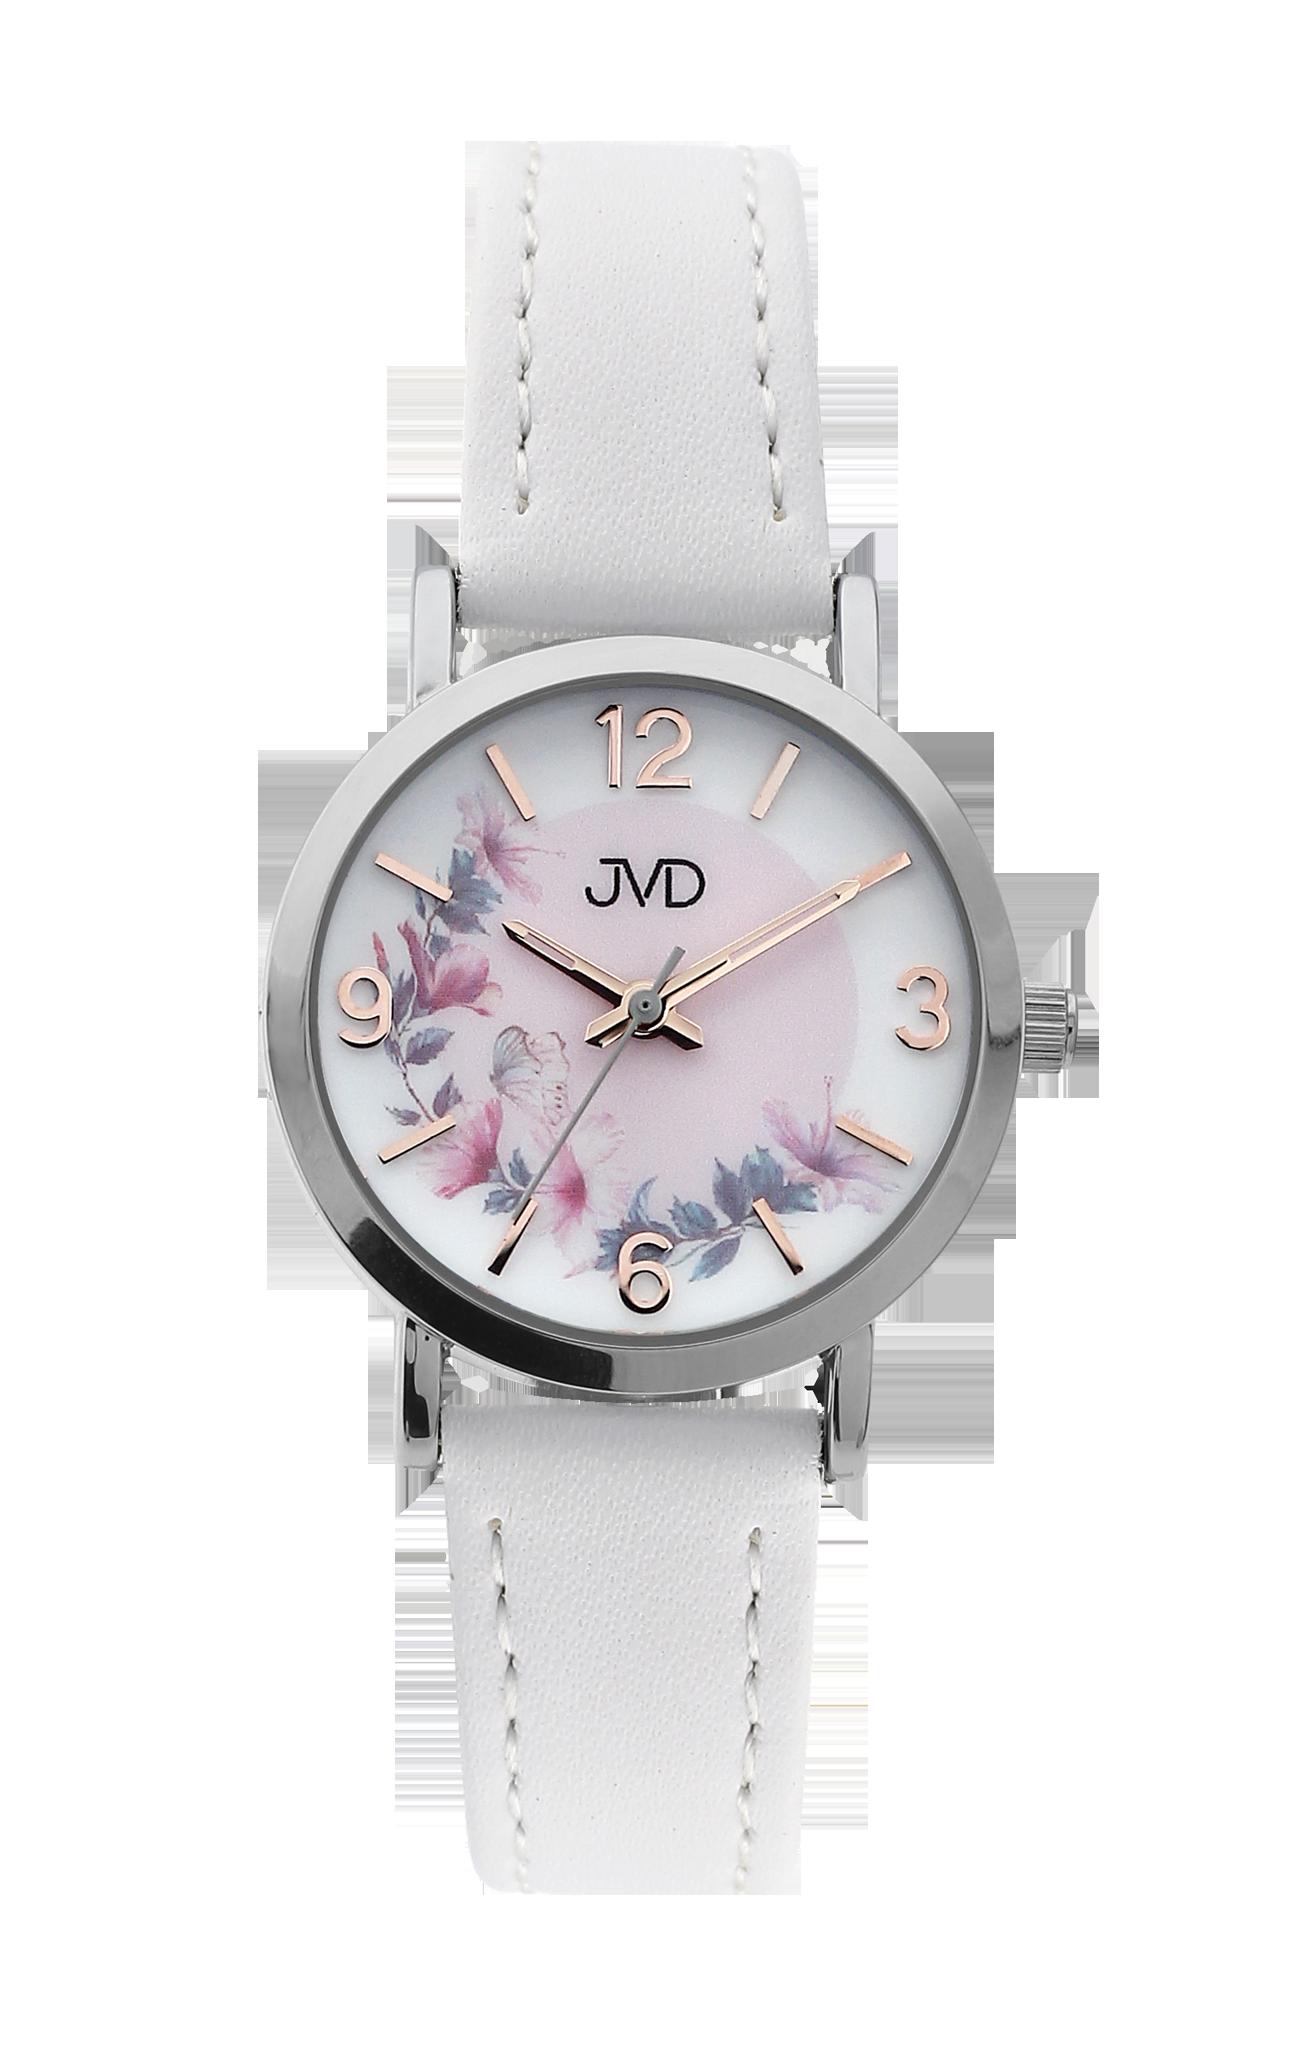 b2b1ad523 Dětské dívčí přehledné náramkové hodinky JVD J7184.4 - Glami.cz